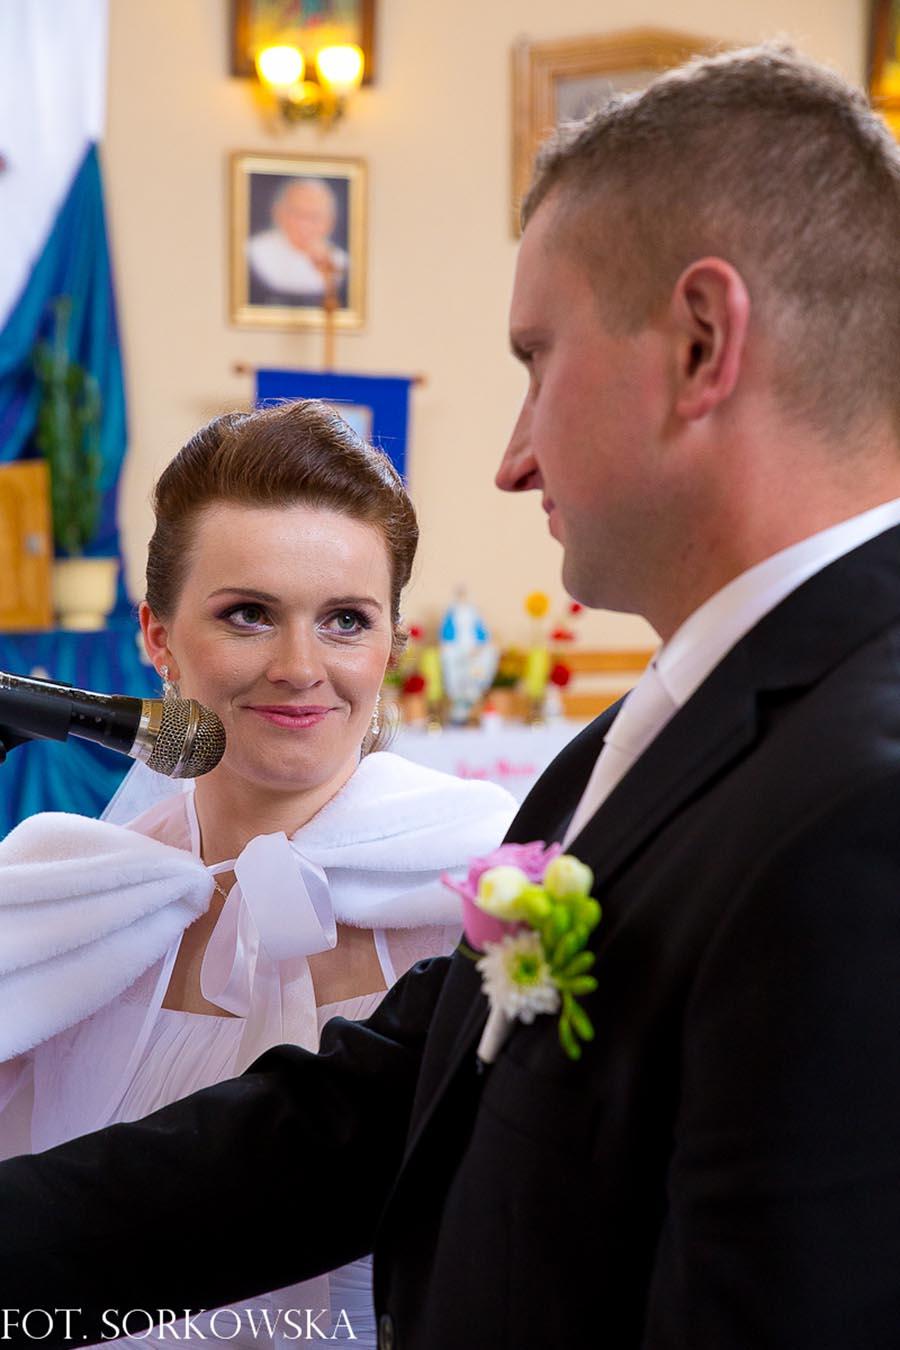 Ślub fotograf Łęczna Puchaczów